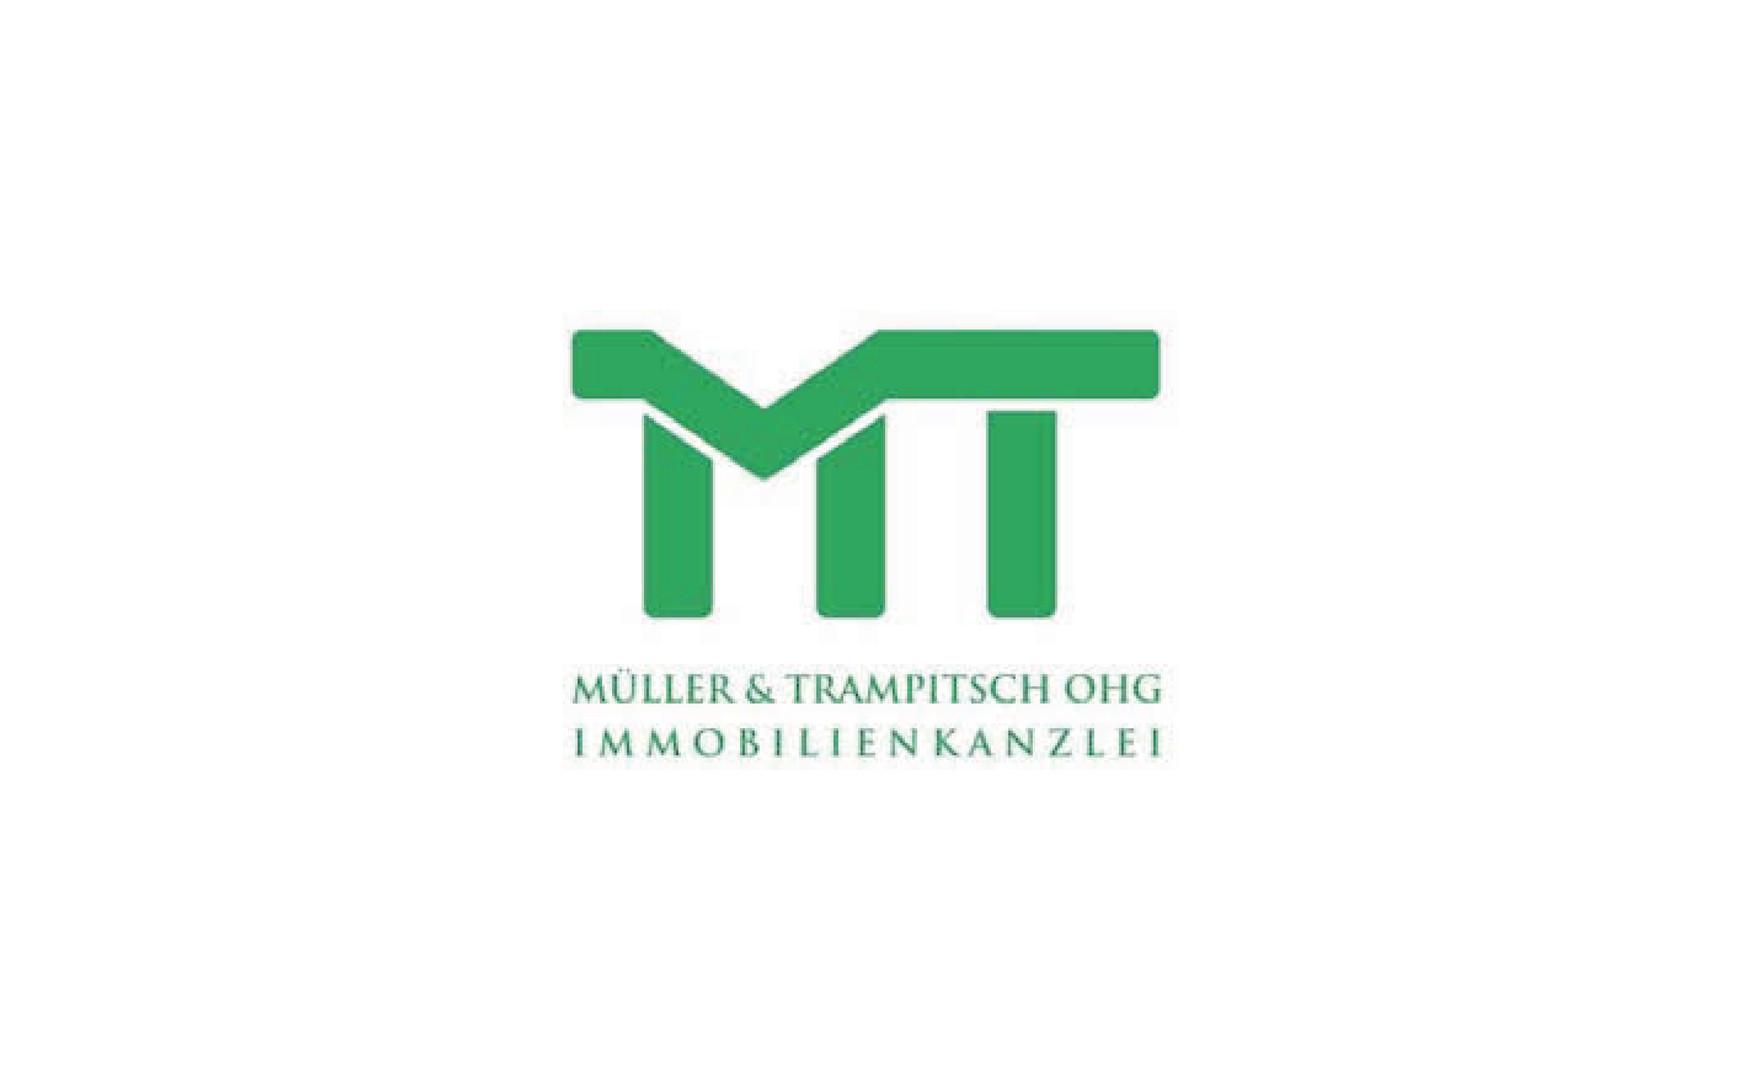 Müller & Trampisch